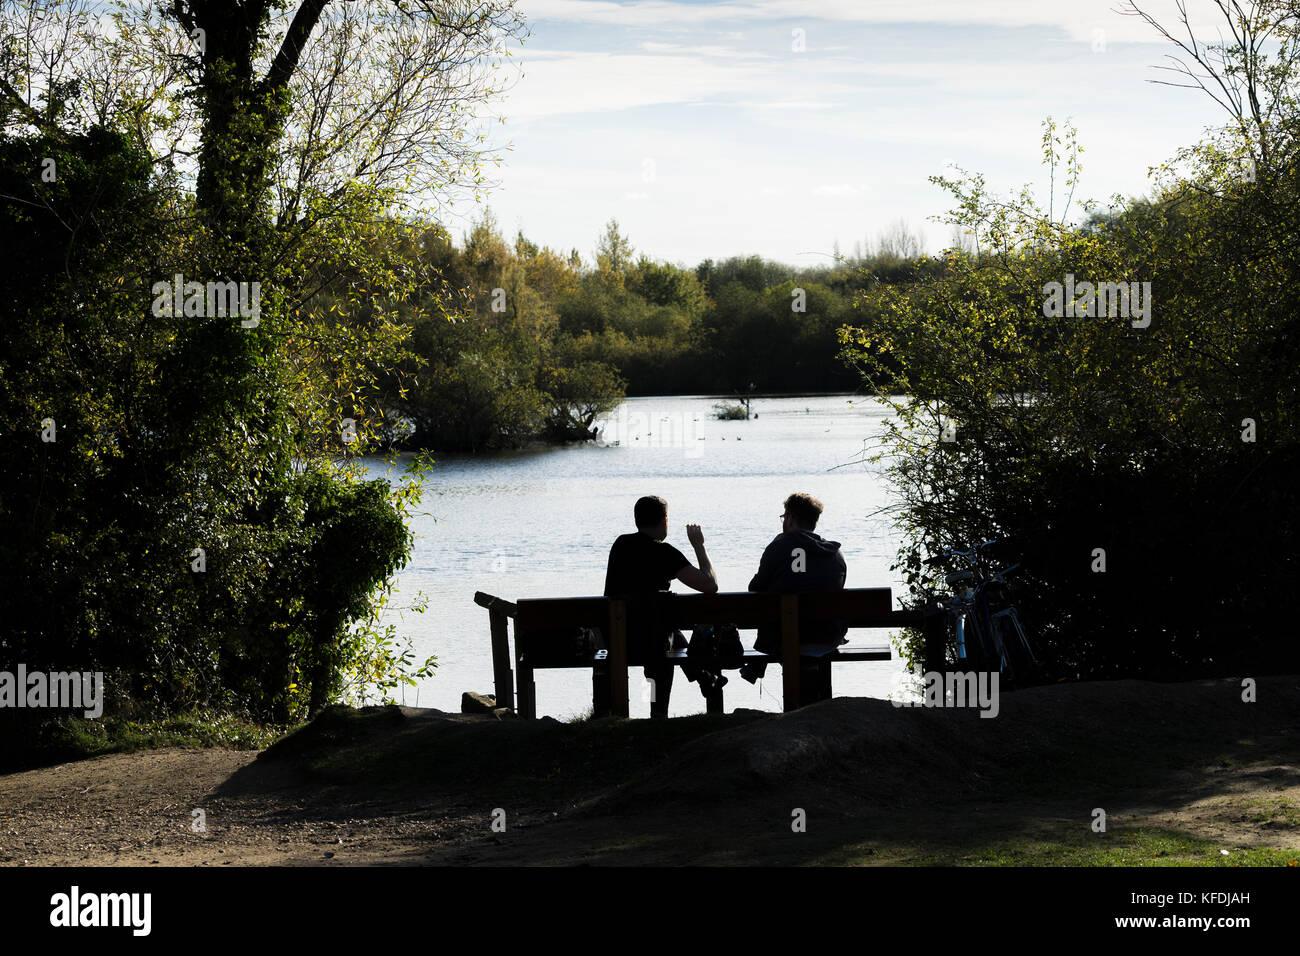 two-men-sat-by-lake-enjoying-warm-autumn